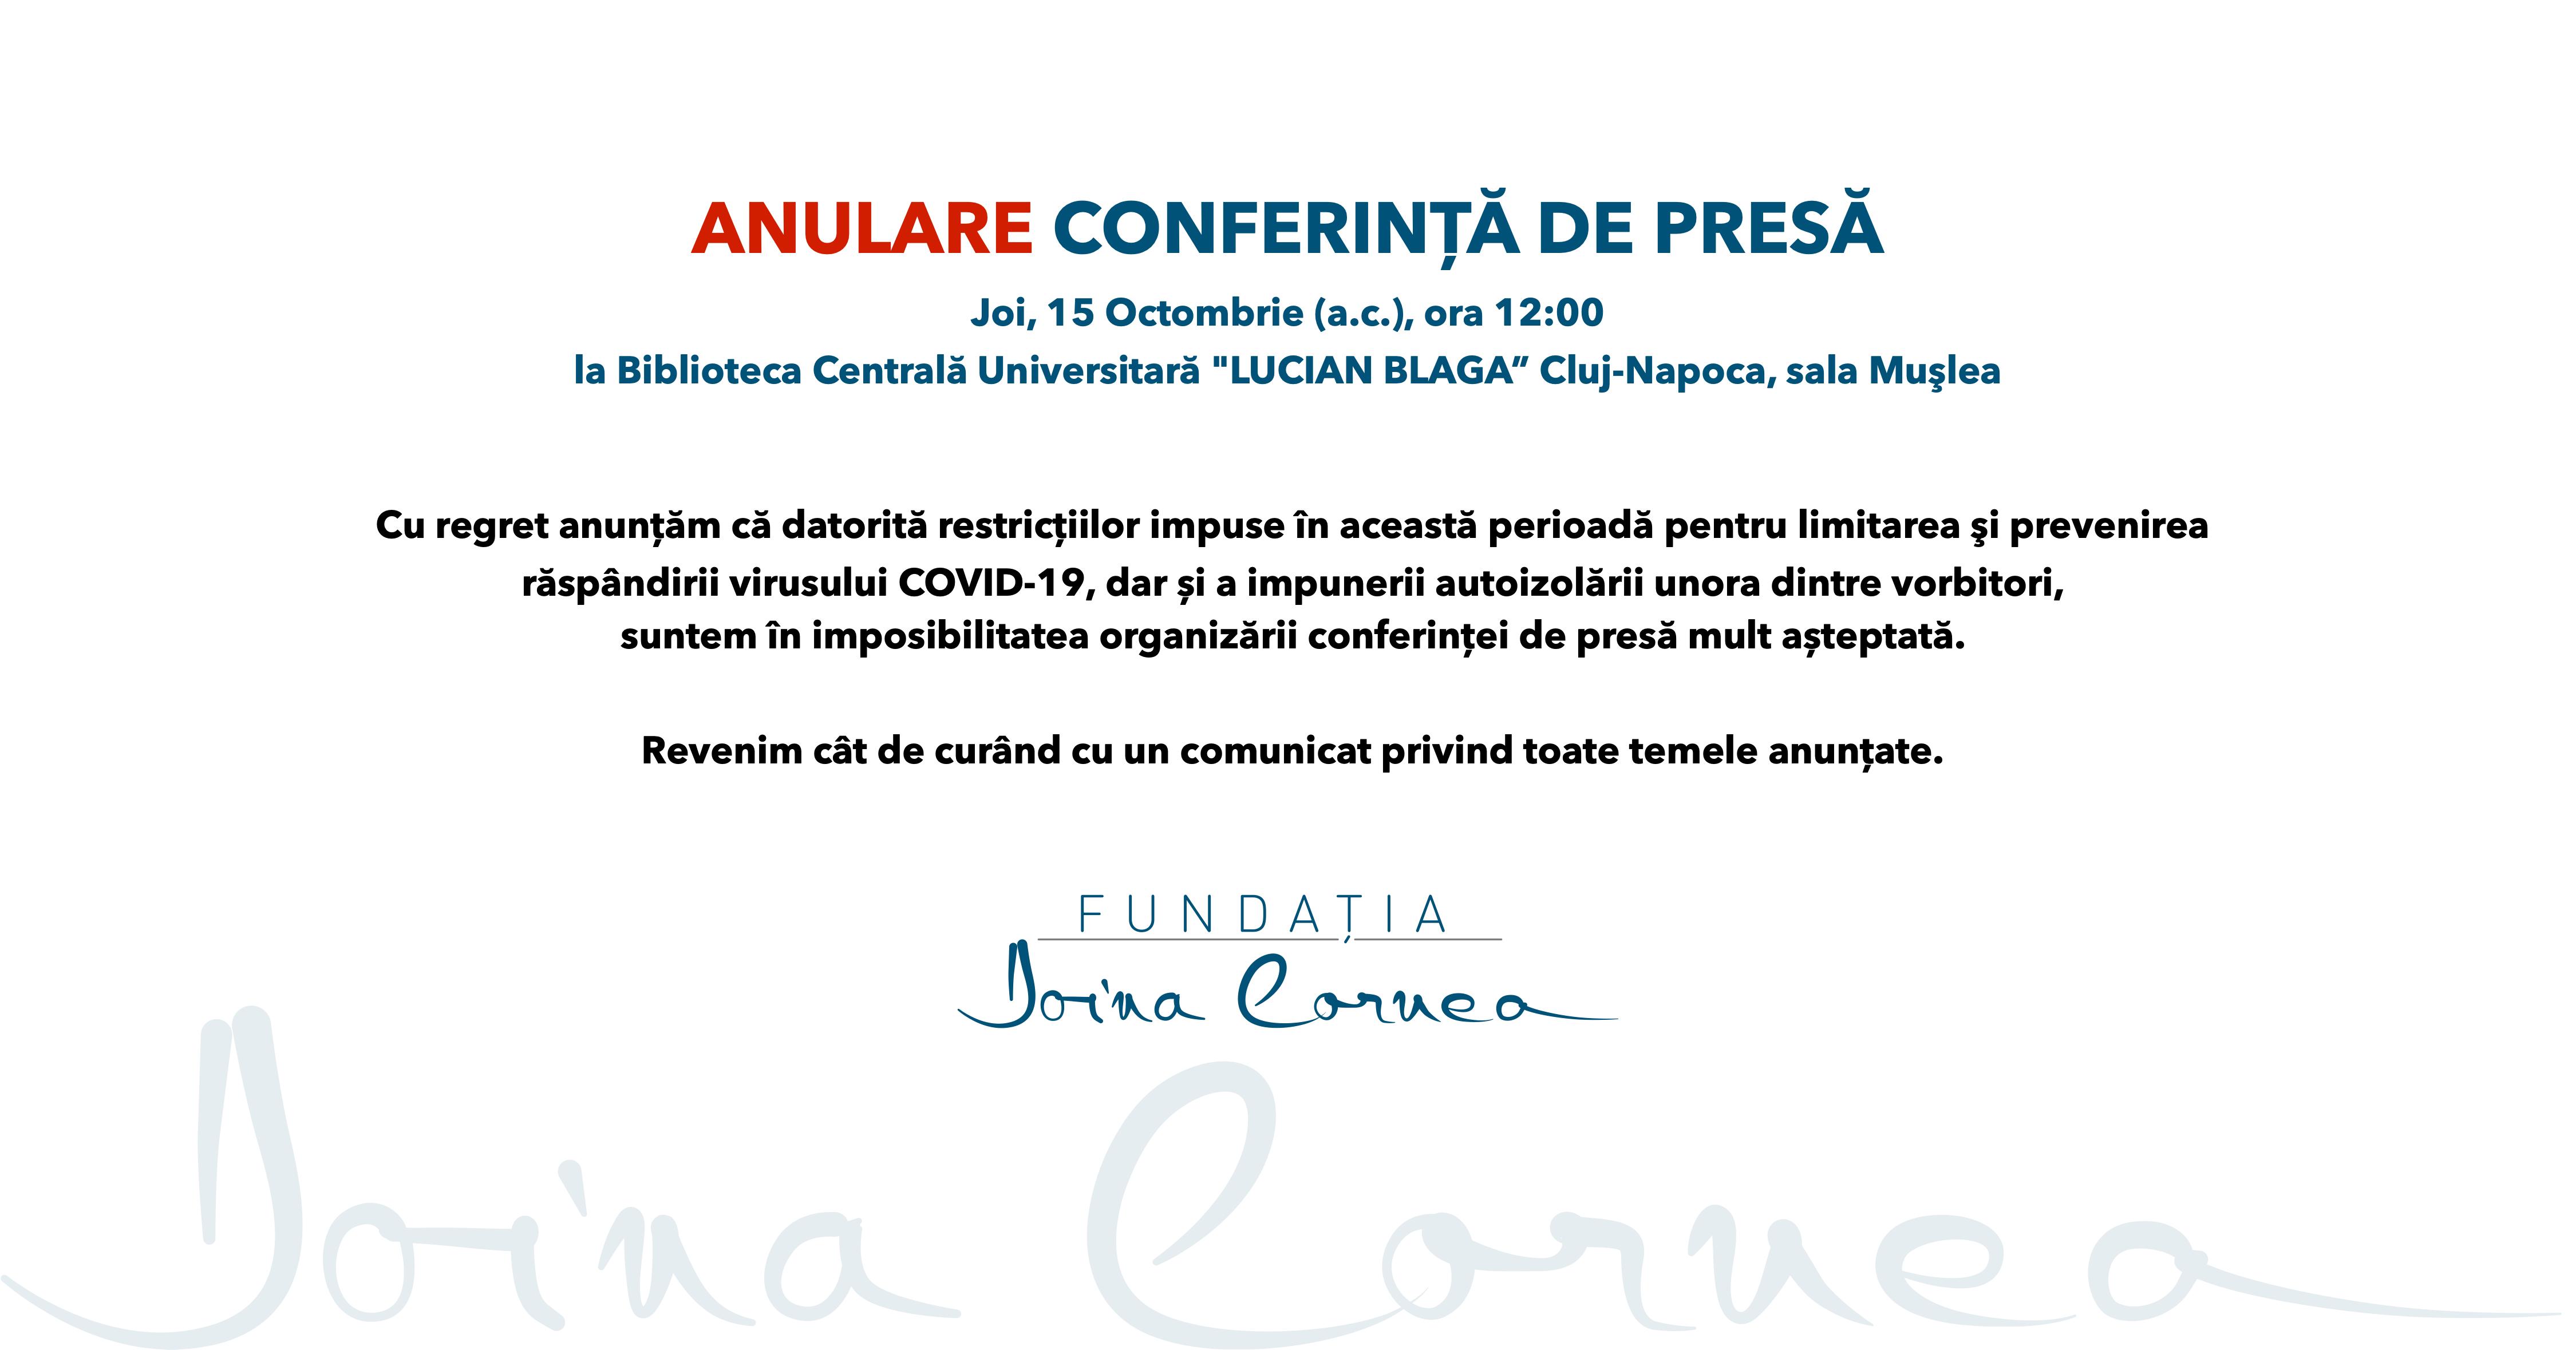 Anulare conferință de presă - Fundația Doina Cornea